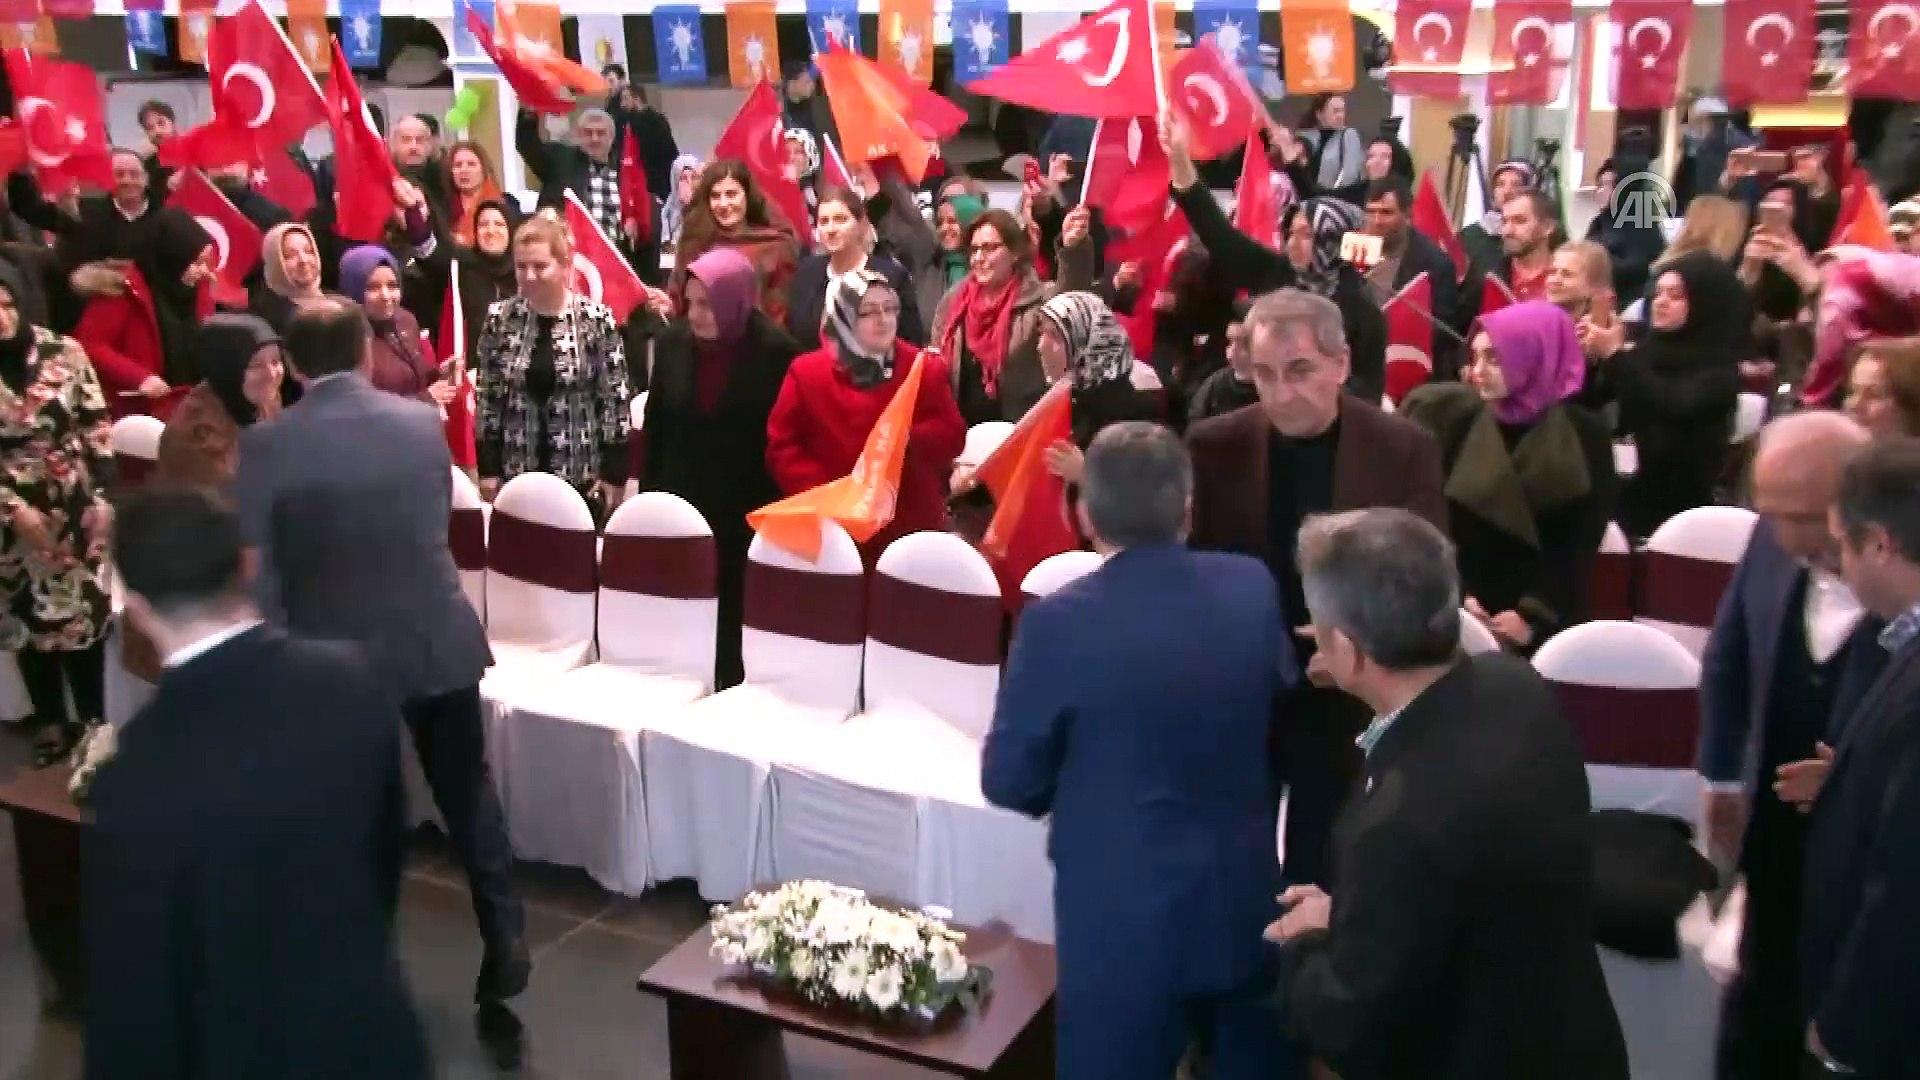 Başbakan Yardımcısı Çavuşoğlu - CHP İstanbul İl Başkanı seçilen Kaftancıoğlu'nun paylaşımları -